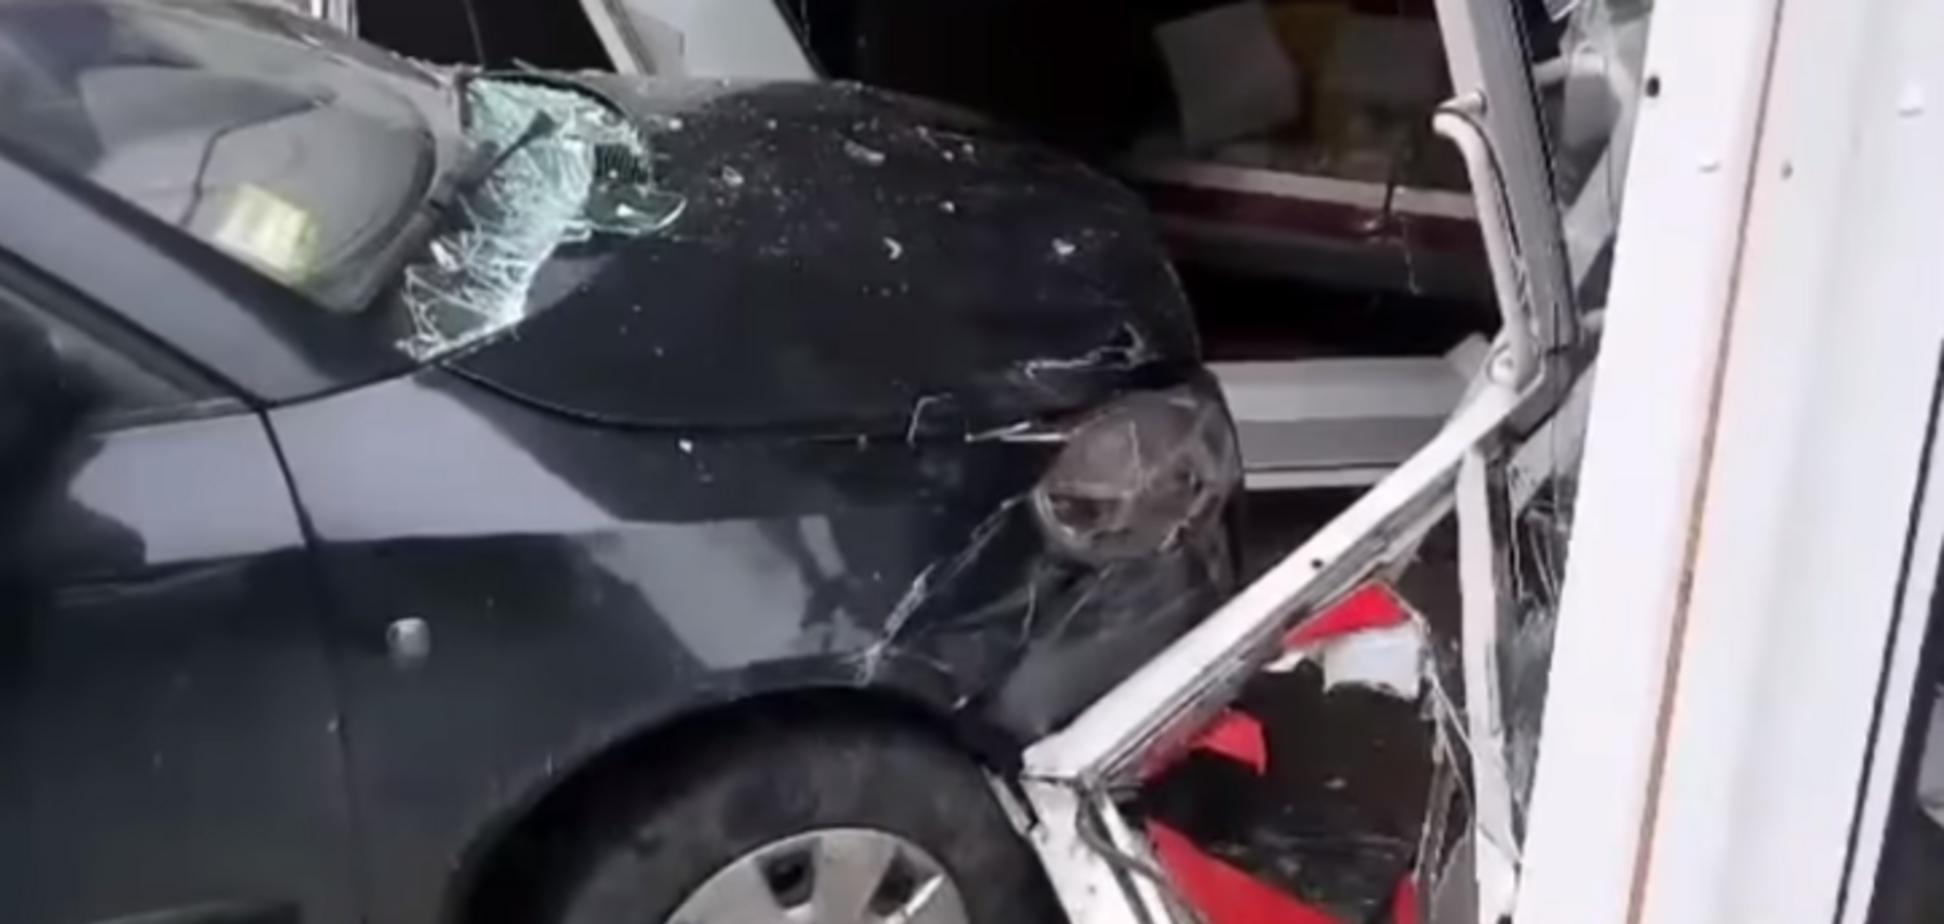 Прижал машиной к холодильнику: появились страшные подробности ДТП с трехлетним ребенком в Киеве